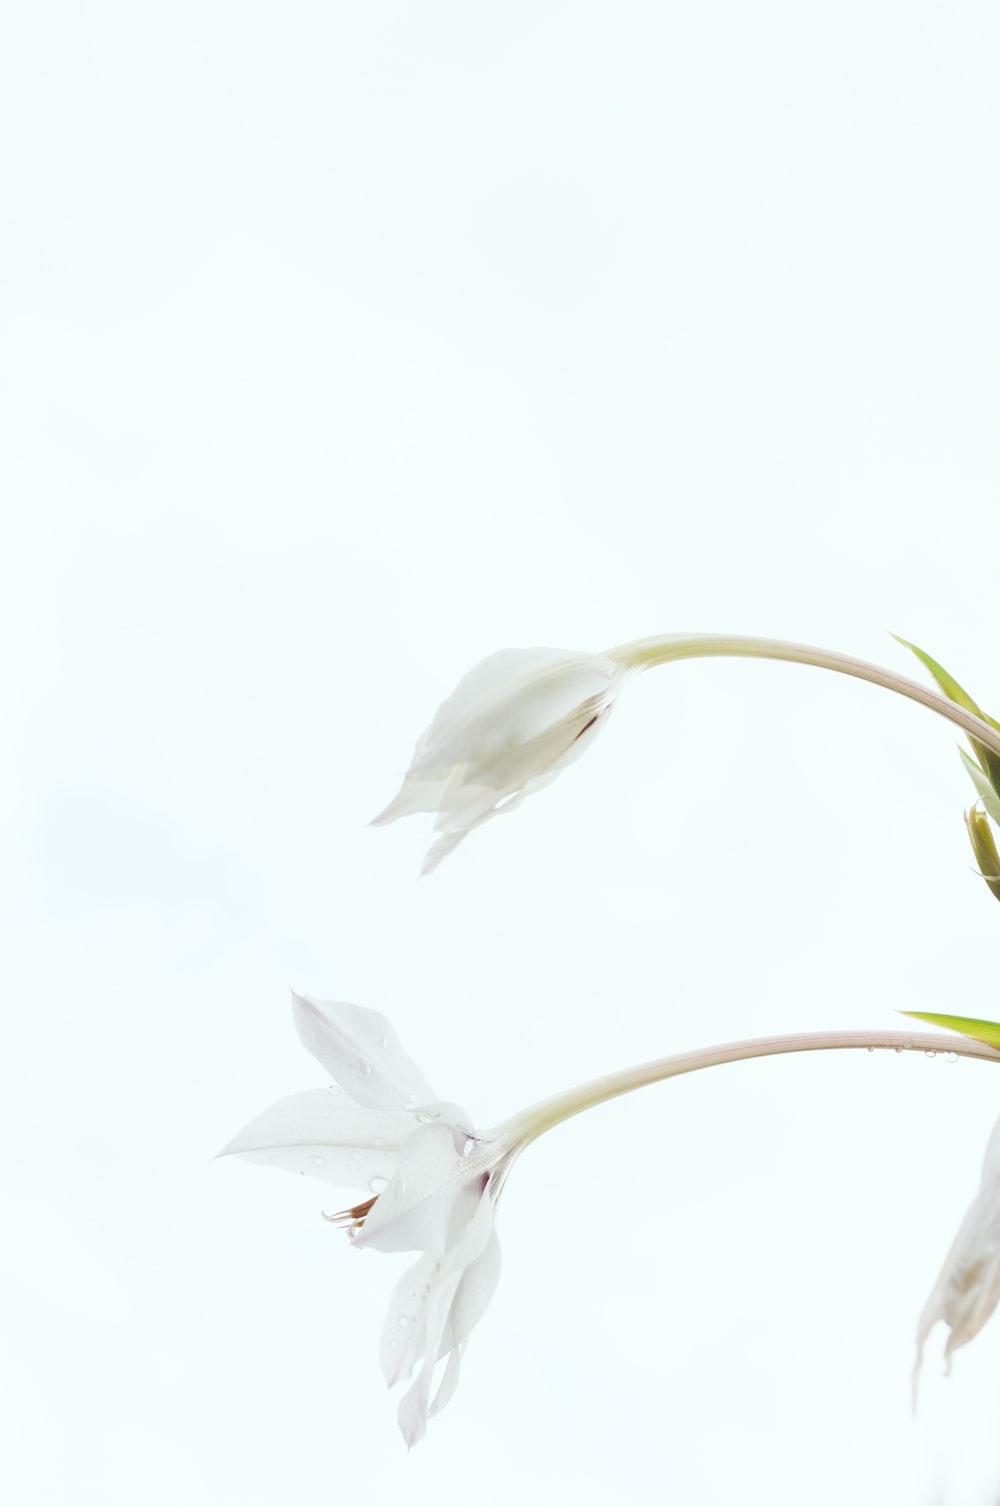 white petal flower on white backgrond